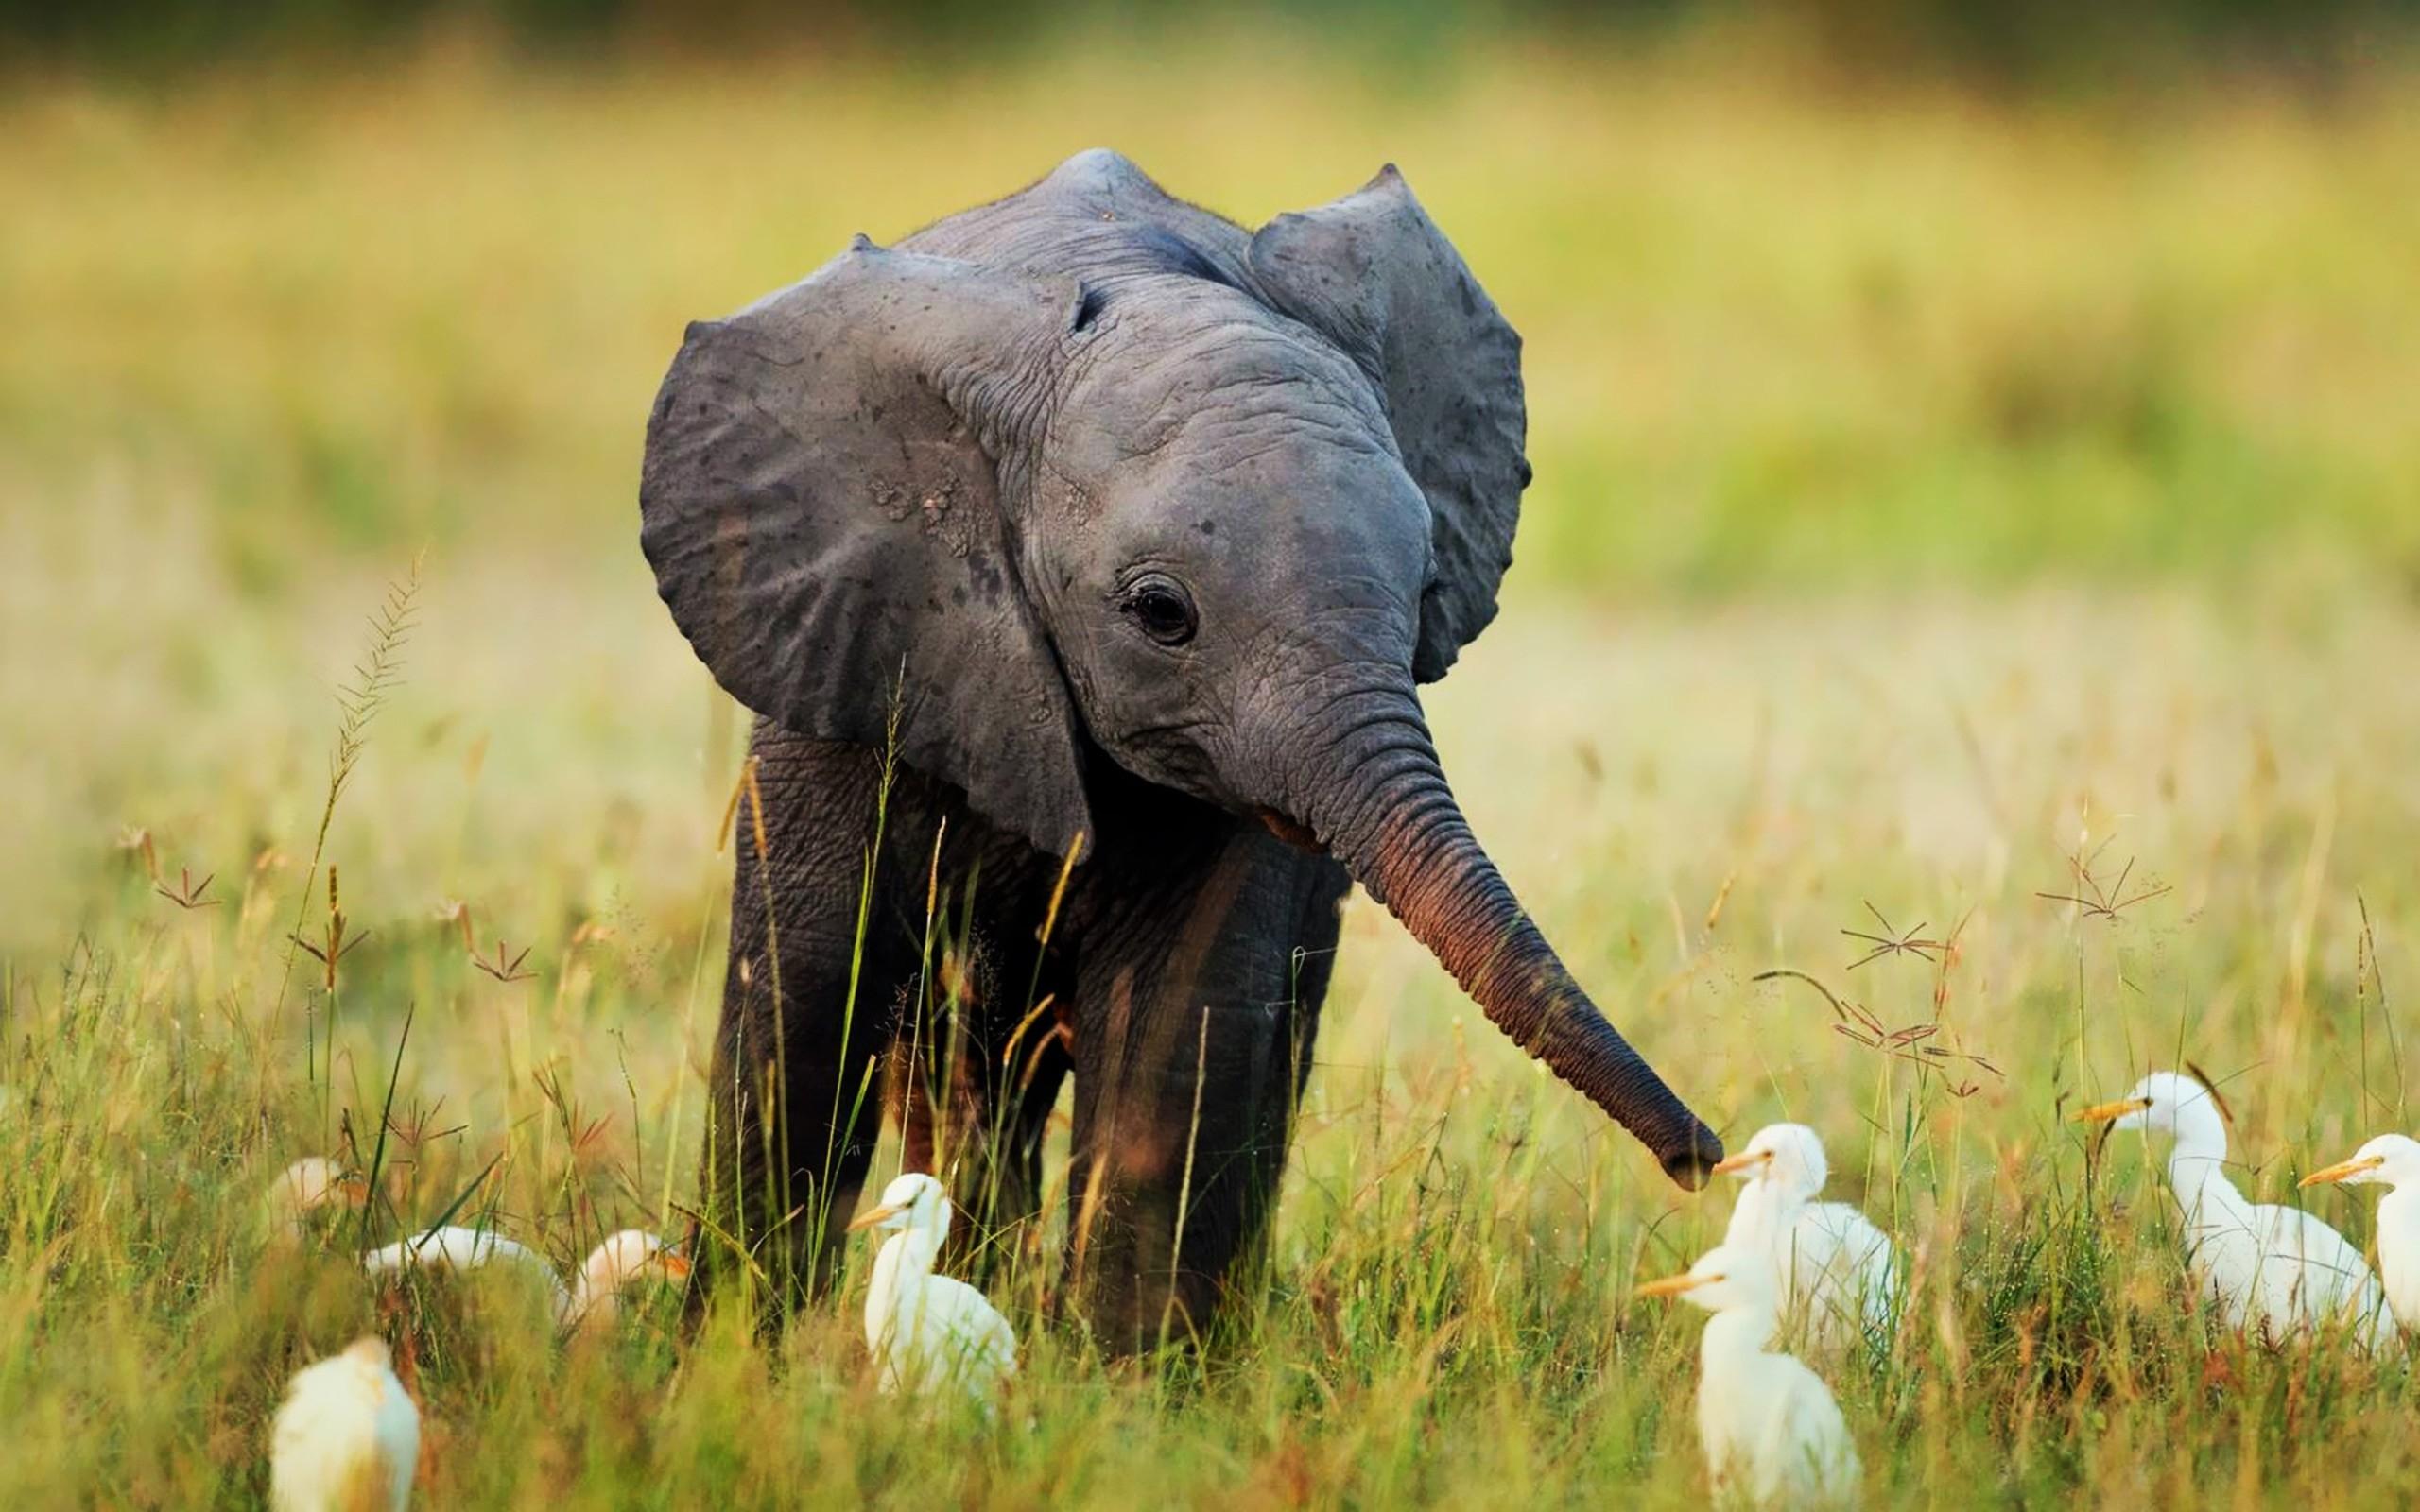 cute elephantको लागि तस्बिर परिणाम